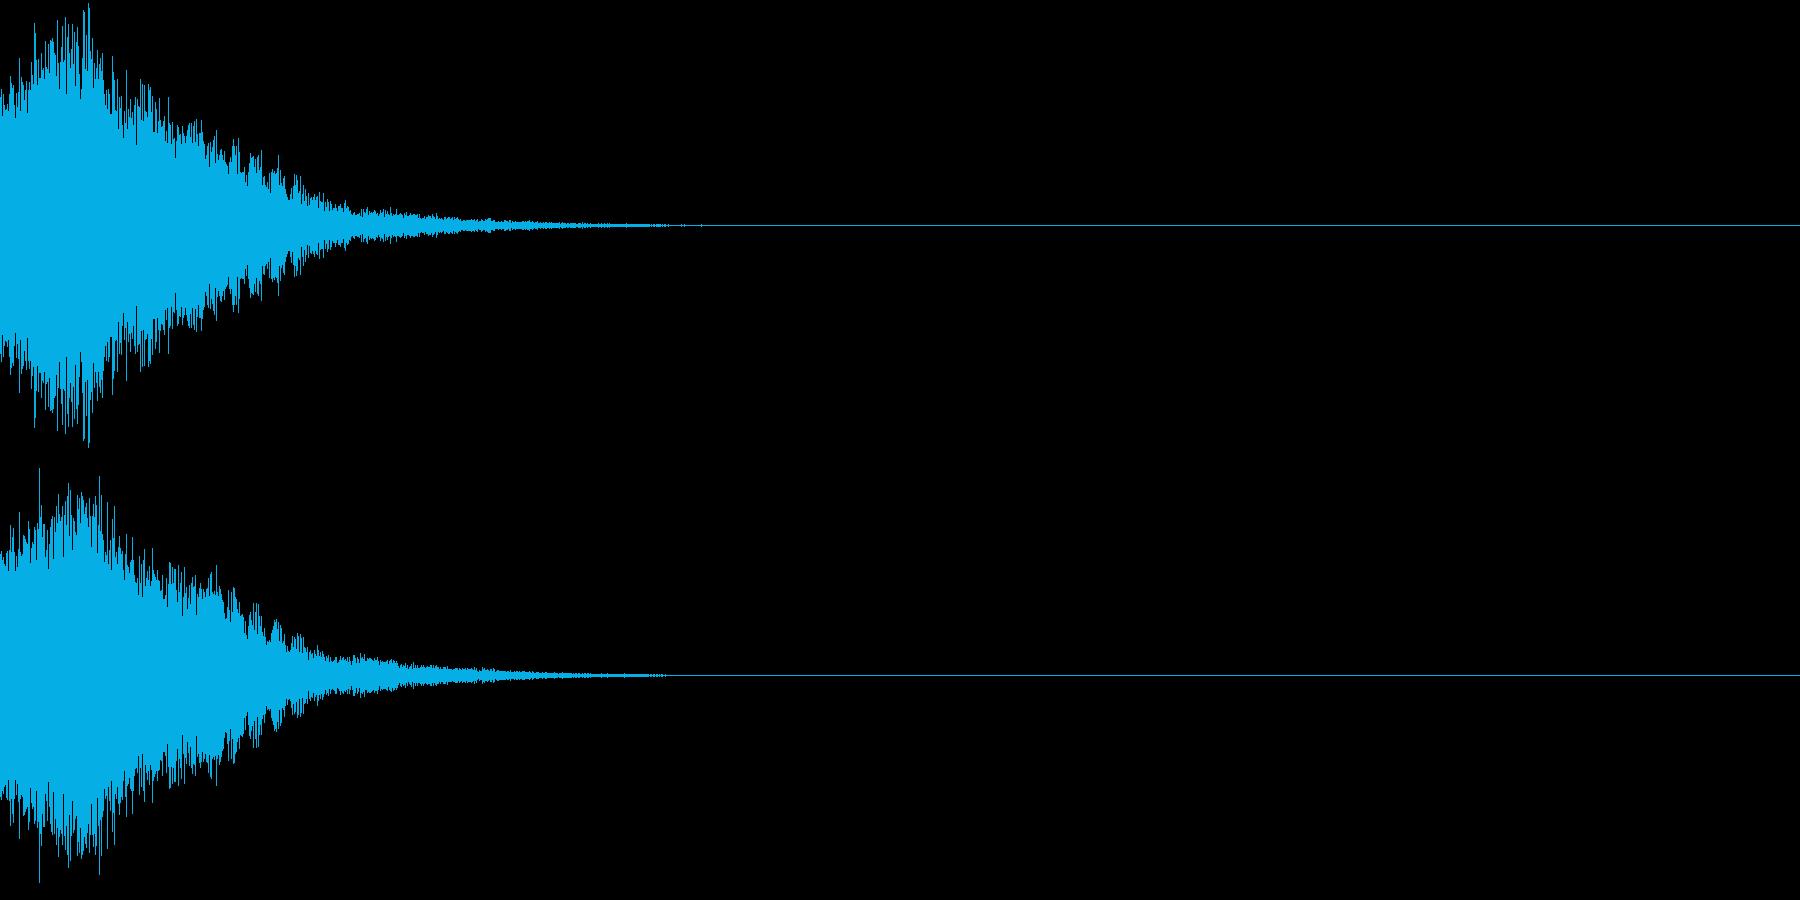 刀 剣 カキーン シャキーン 目立つ22の再生済みの波形